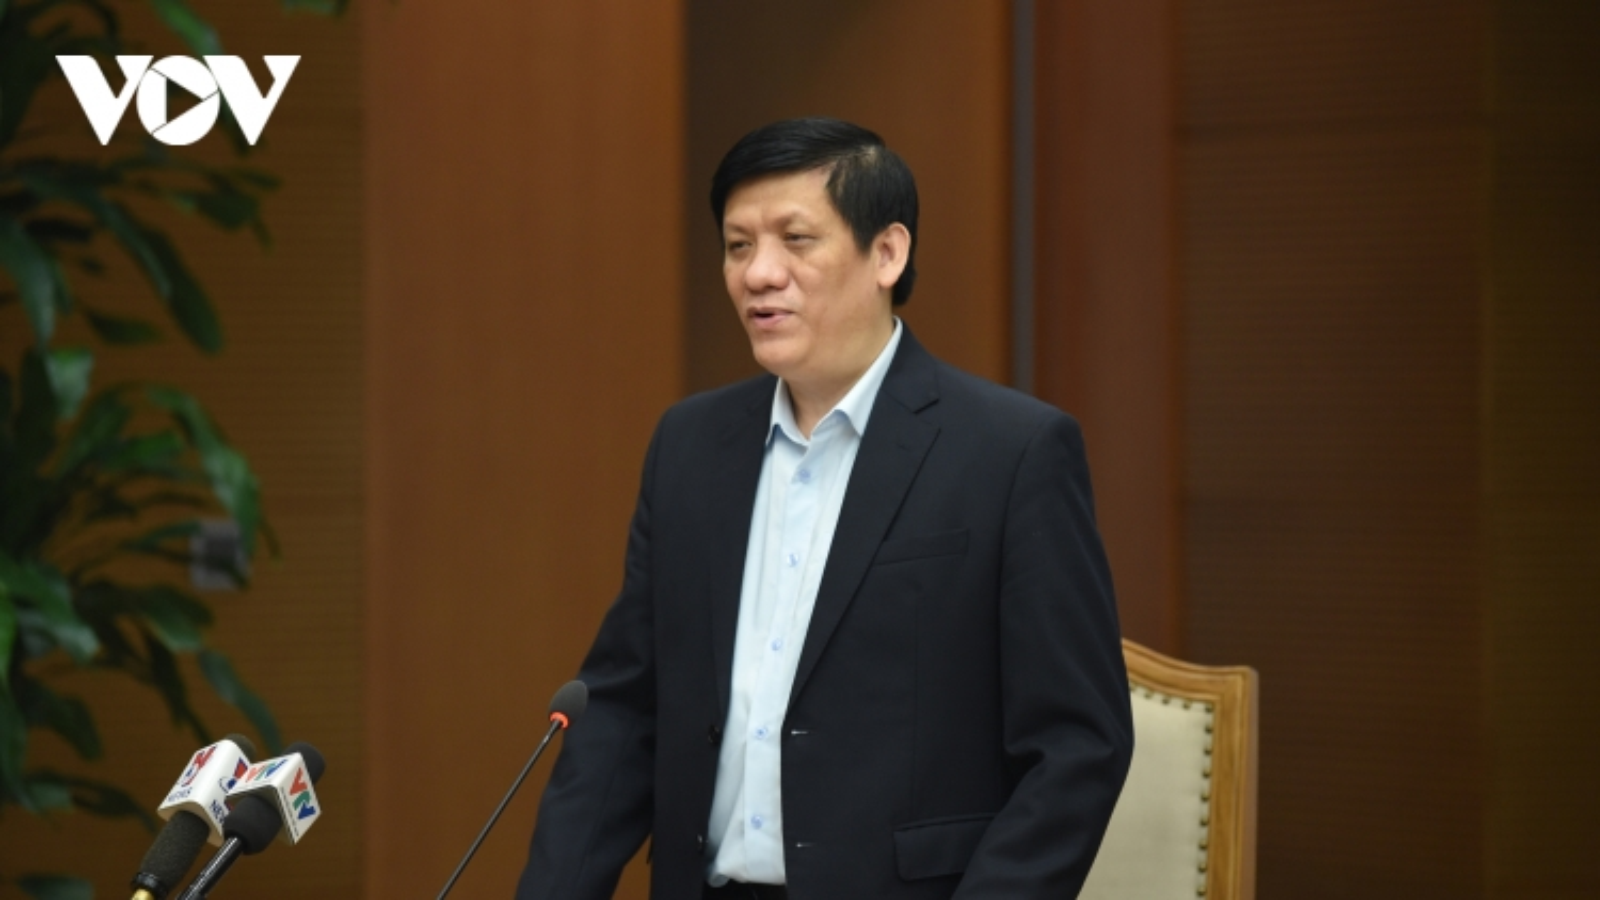 Ngày 8/3, Việt Nam sẽ tiêm liều vaccine COVID-19 đầu tiên